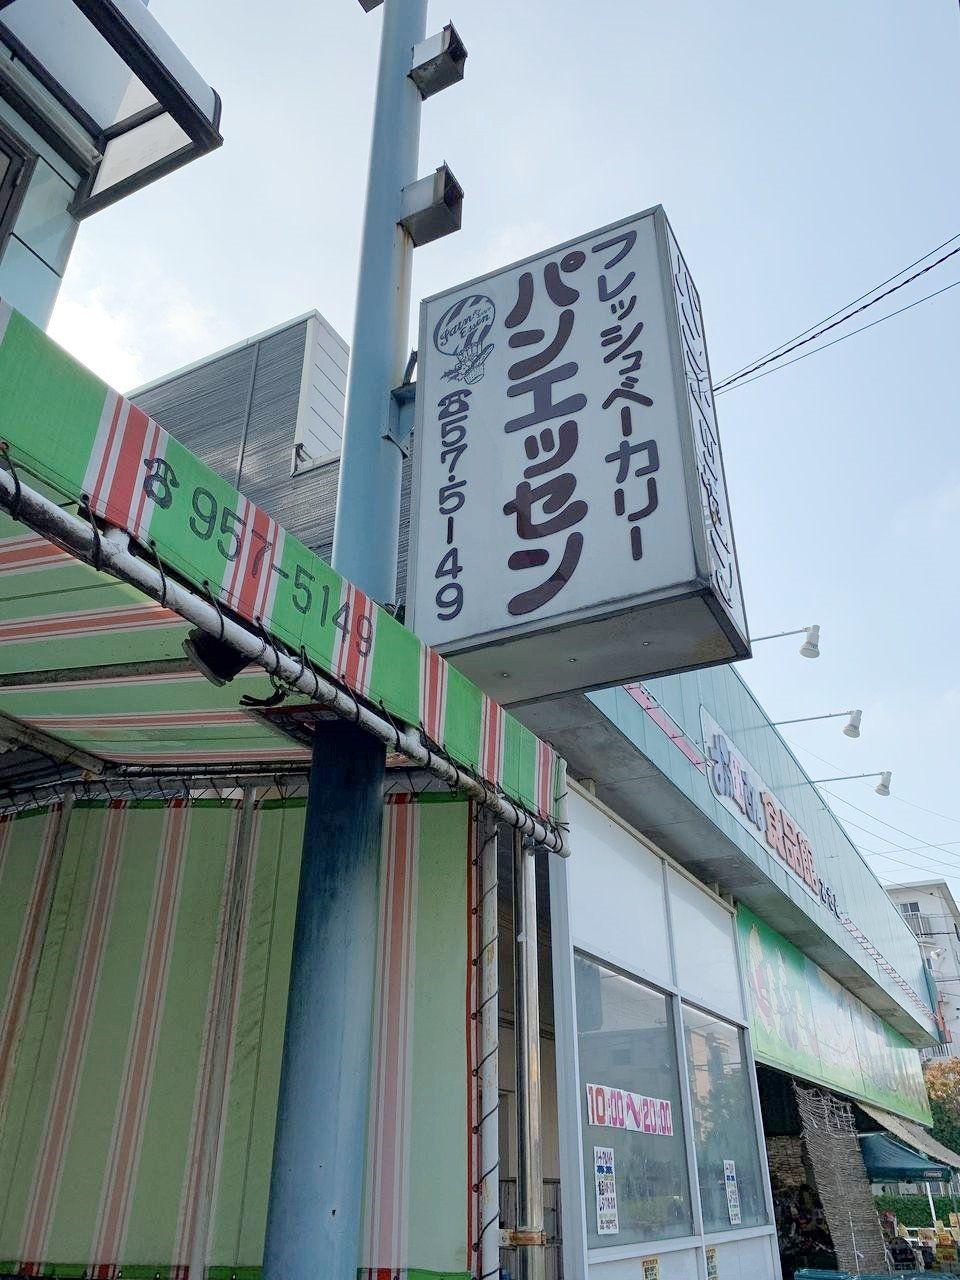 【三郷市食べ歩きブログ】三郷市早稲田7丁目にある「パンエッセン」へ